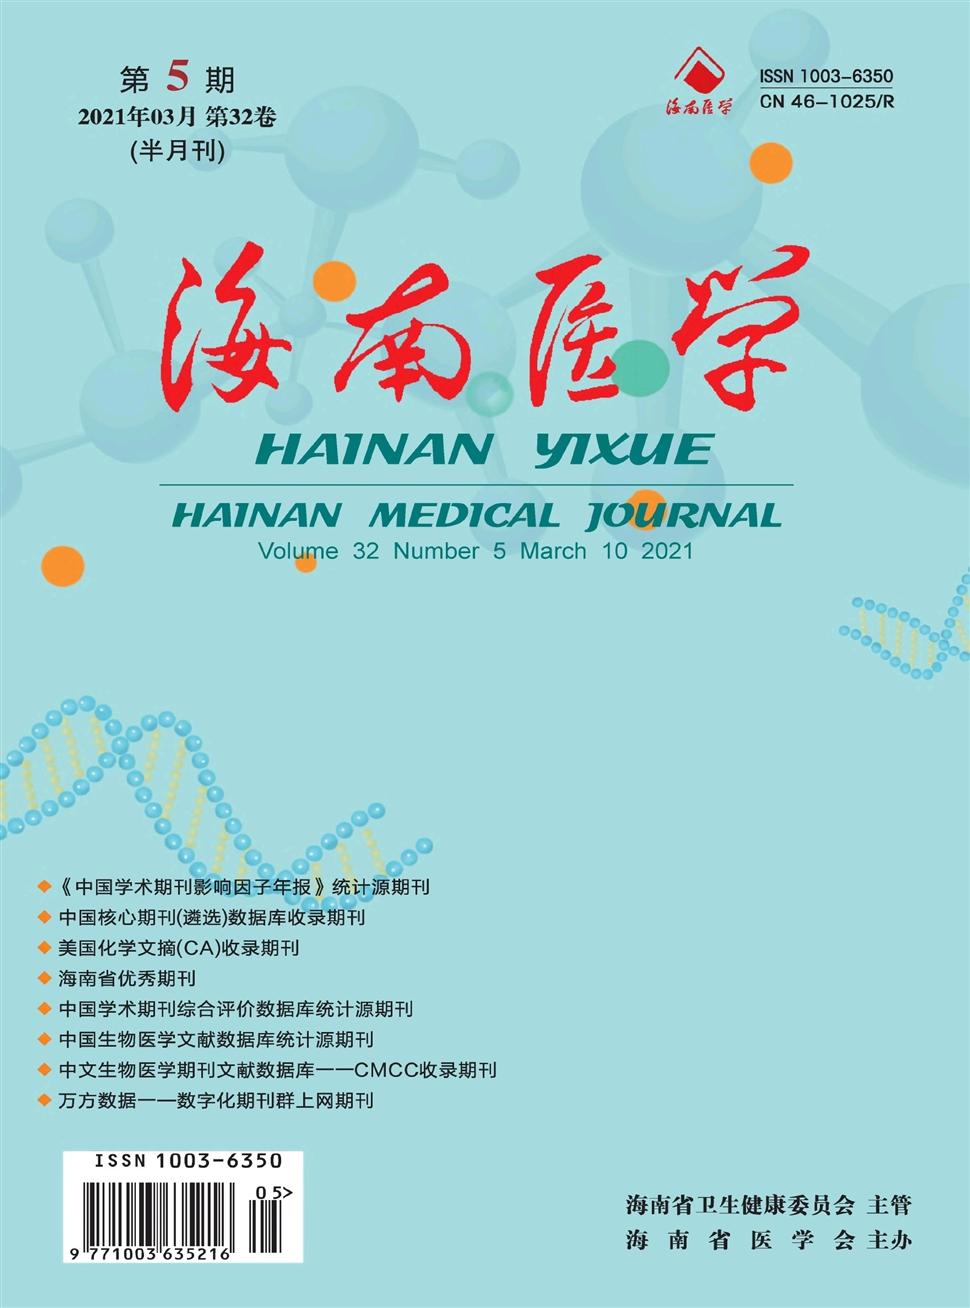 《海南医学》